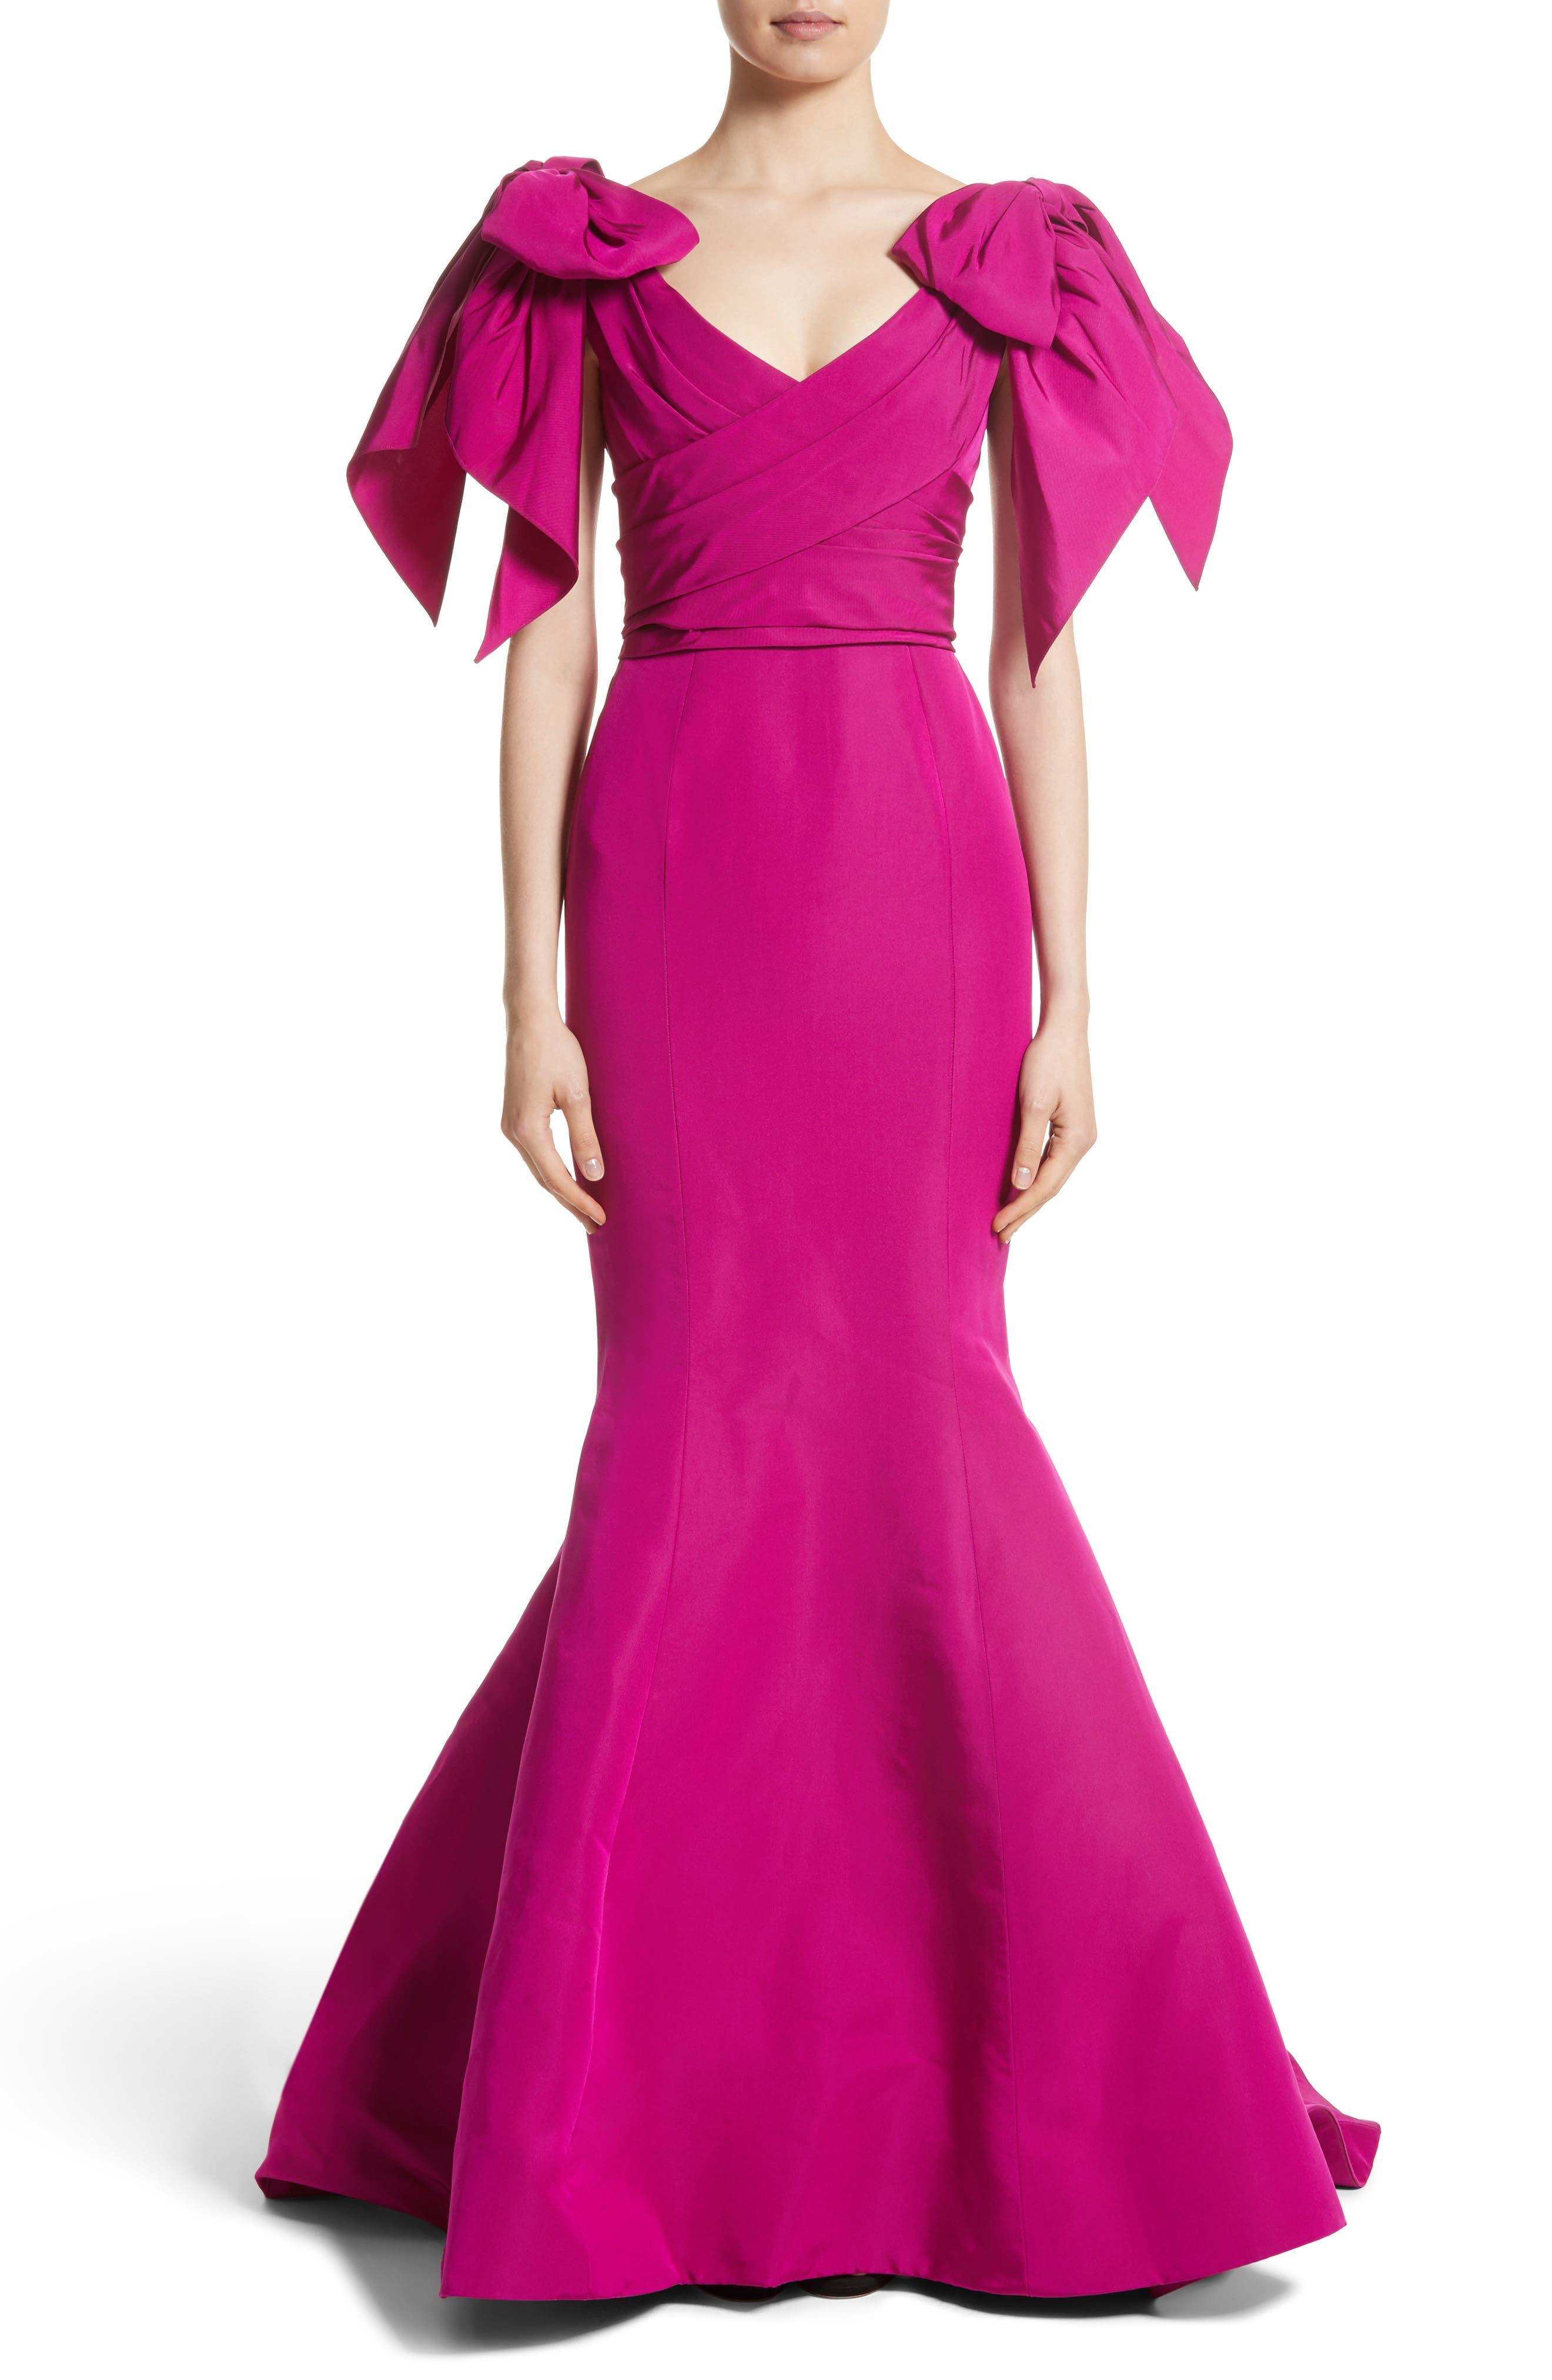 Main Image - Marchesa Bow Detail Faille Mermaid Gown